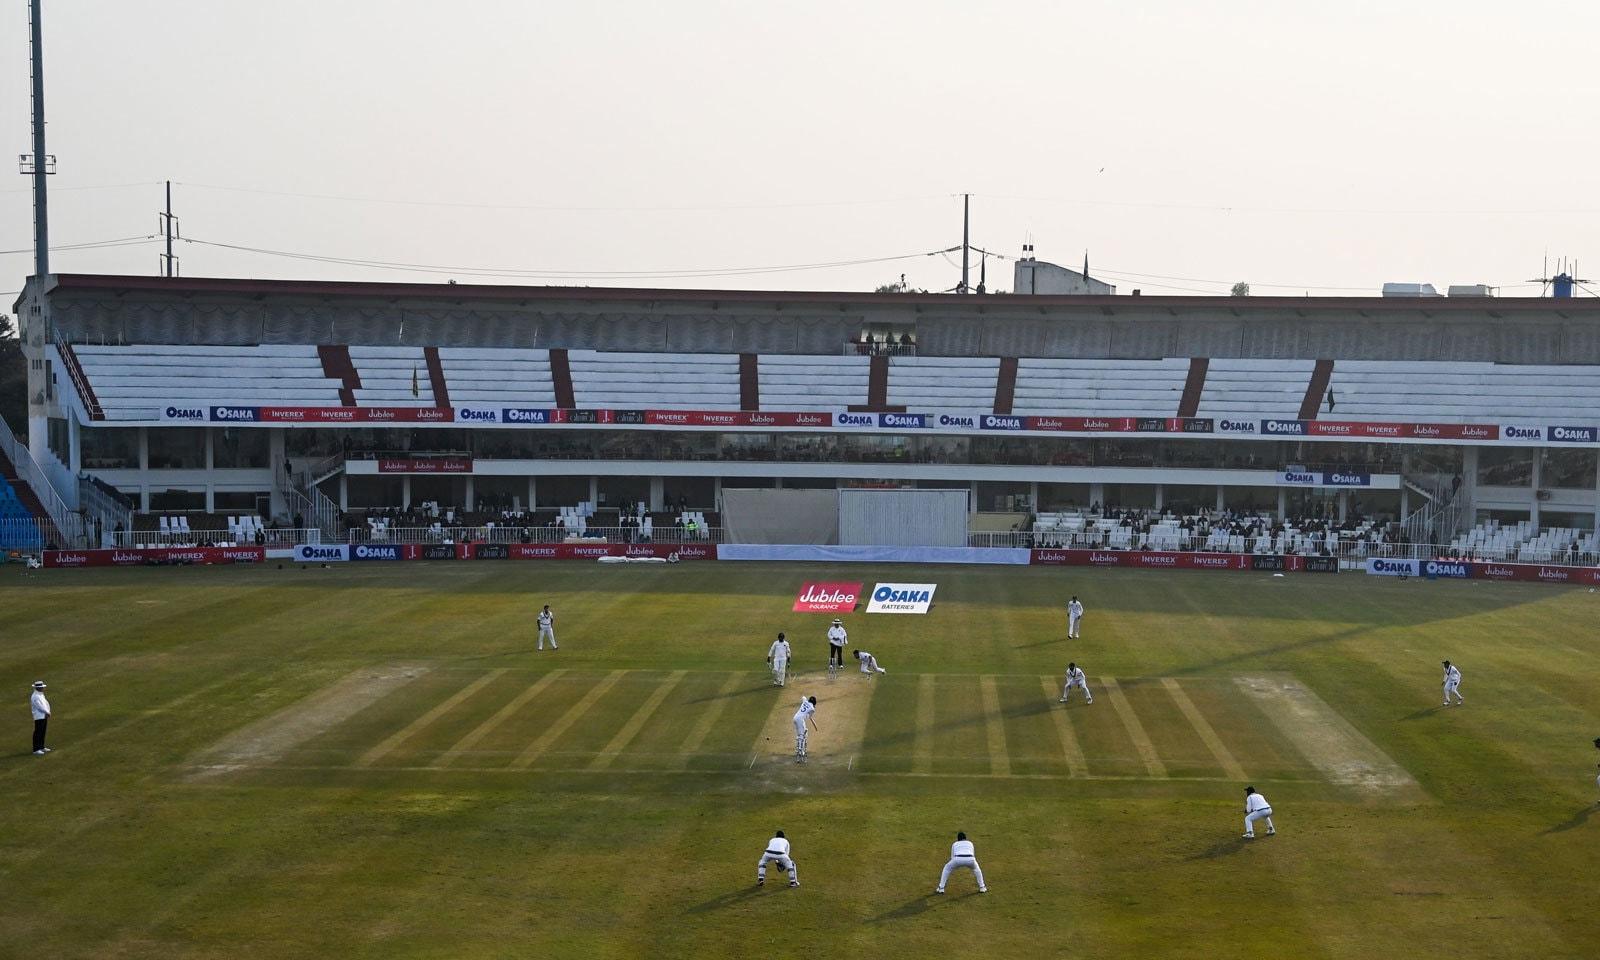 پاکستان کے میدانوں پر 10سال بعد ٹیسٹ کرکٹ بحال ہوئی— فوٹو: اے پی